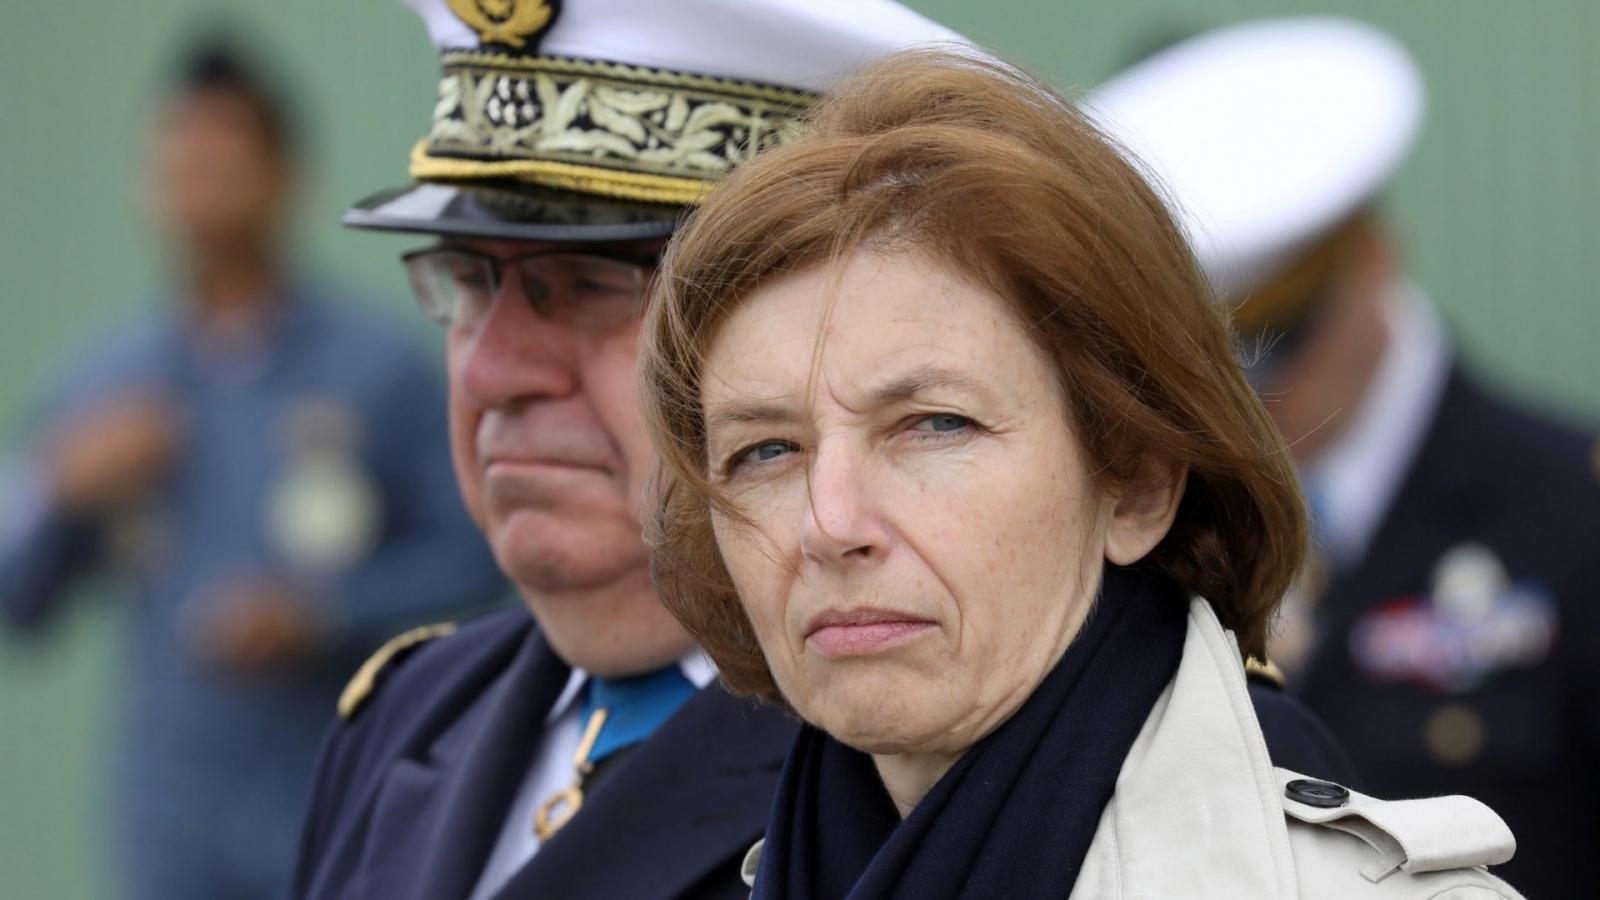 Nhiều chính trị gia kêu gọi Pháp tính đến khả năng rời NATO